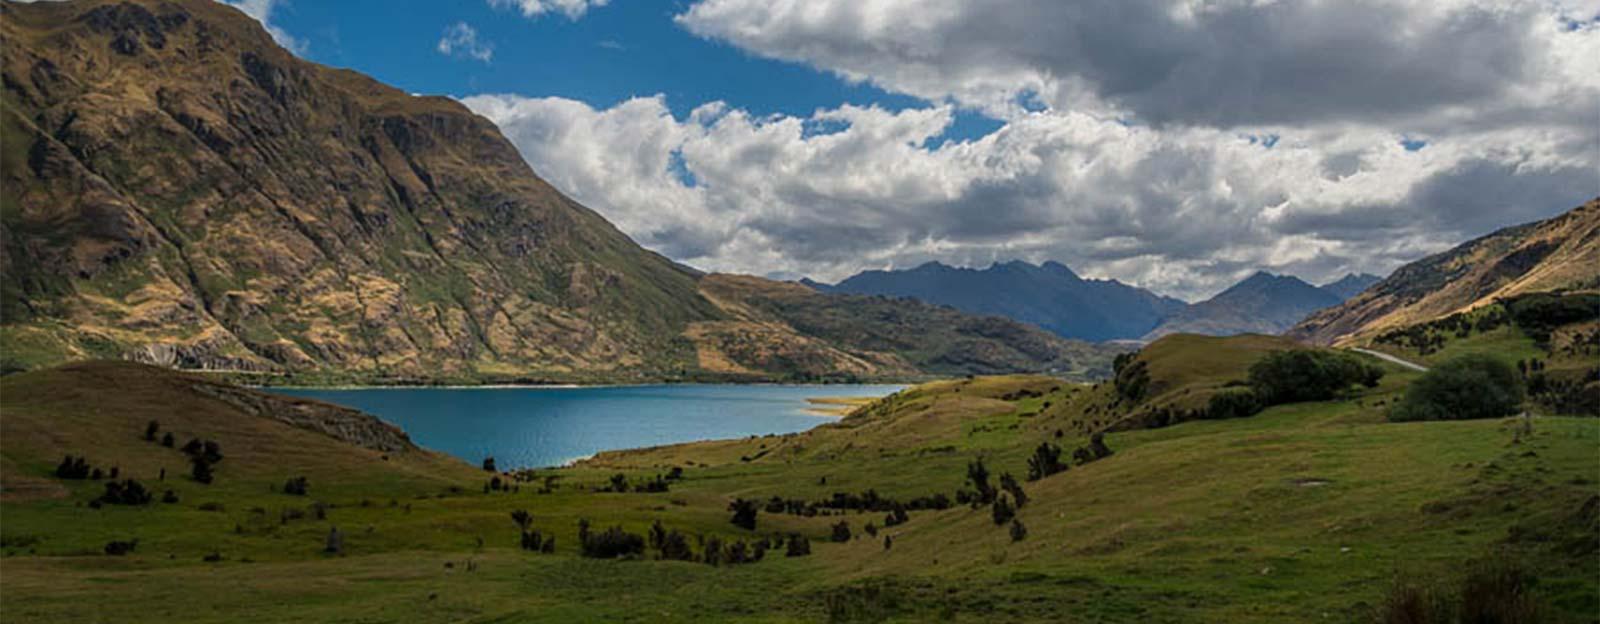 NZ Day 6 – Lake Wanaka & Hawea